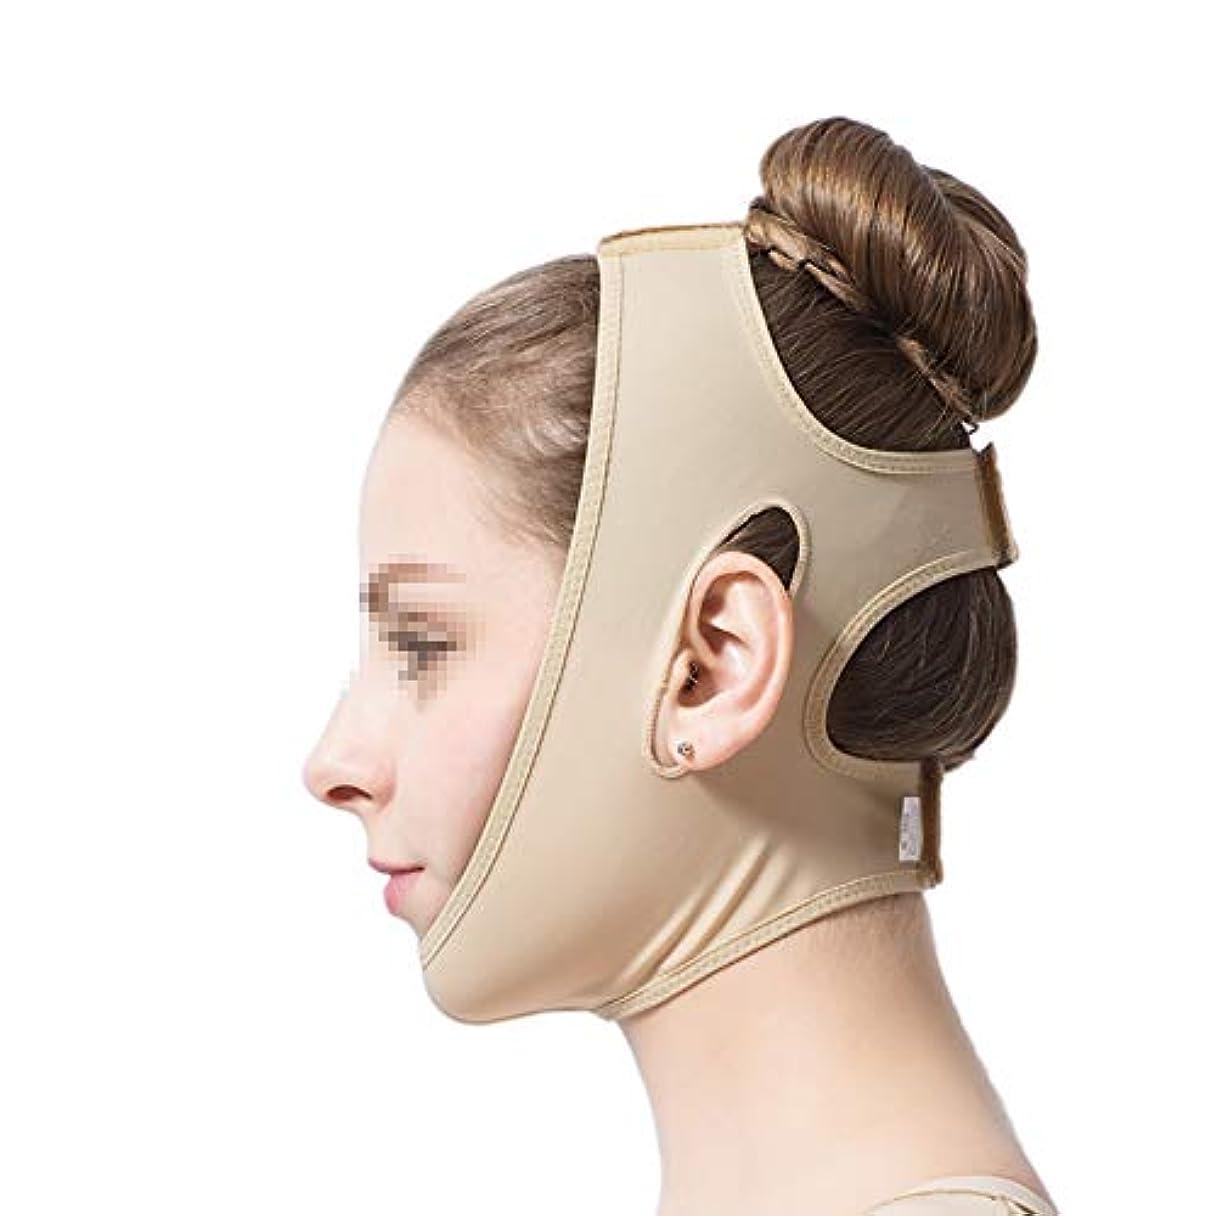 カウンターパートバスダーツフェイスリフトマスク、下顎袖医療グレード脂肪吸引術整形弾性ヘッドギアダブルあご顔ライン彫刻圧力包帯 (Size : S)